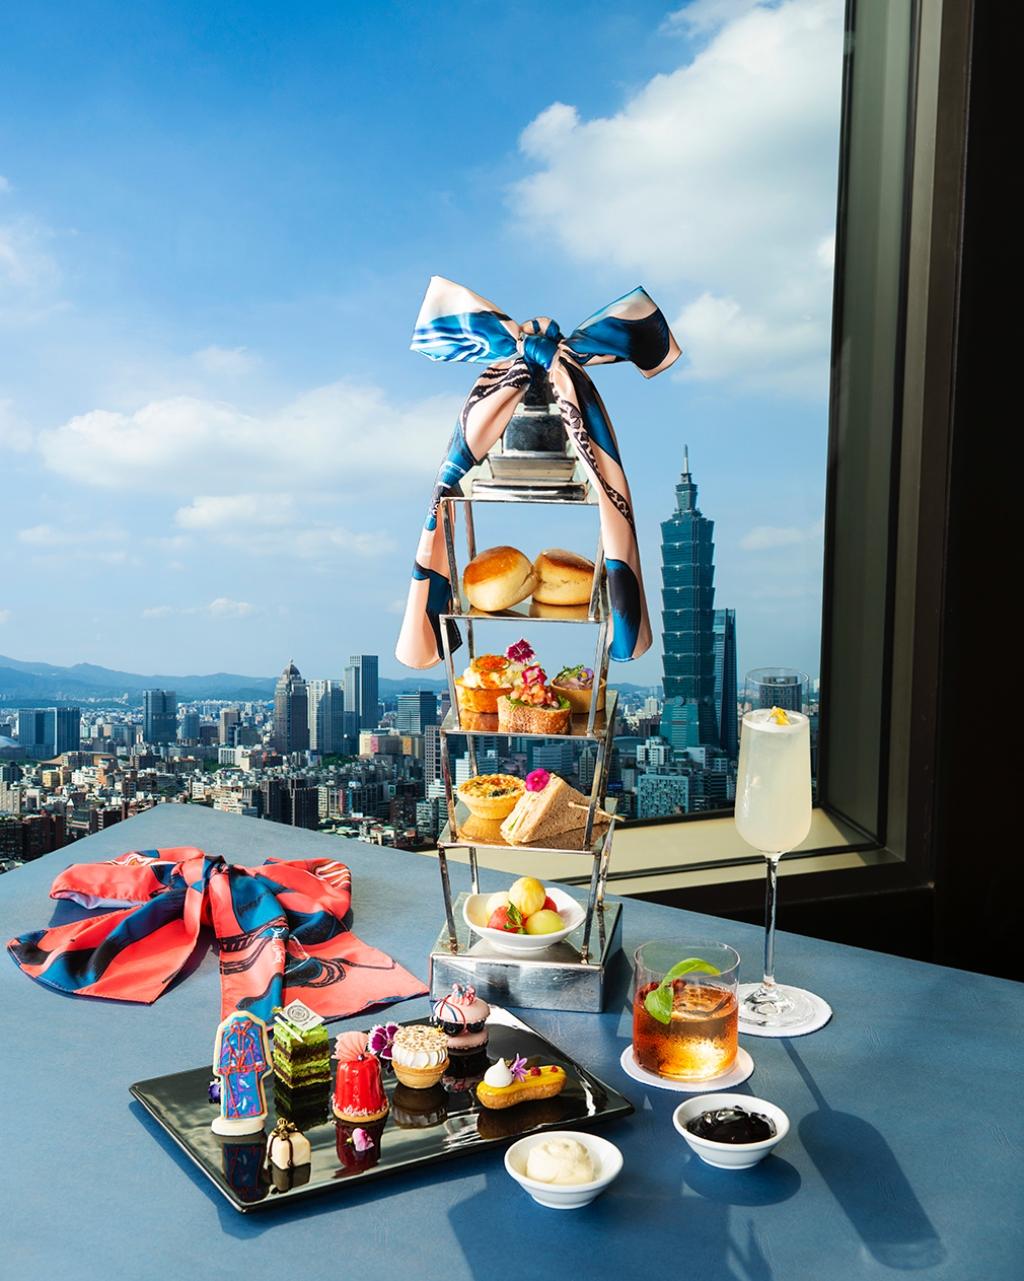 香格里拉台北遠東國際大飯店馬可波羅酒廊期間限定 《marco Polo X Daniel Wong 啟程100 聯名下午茶》